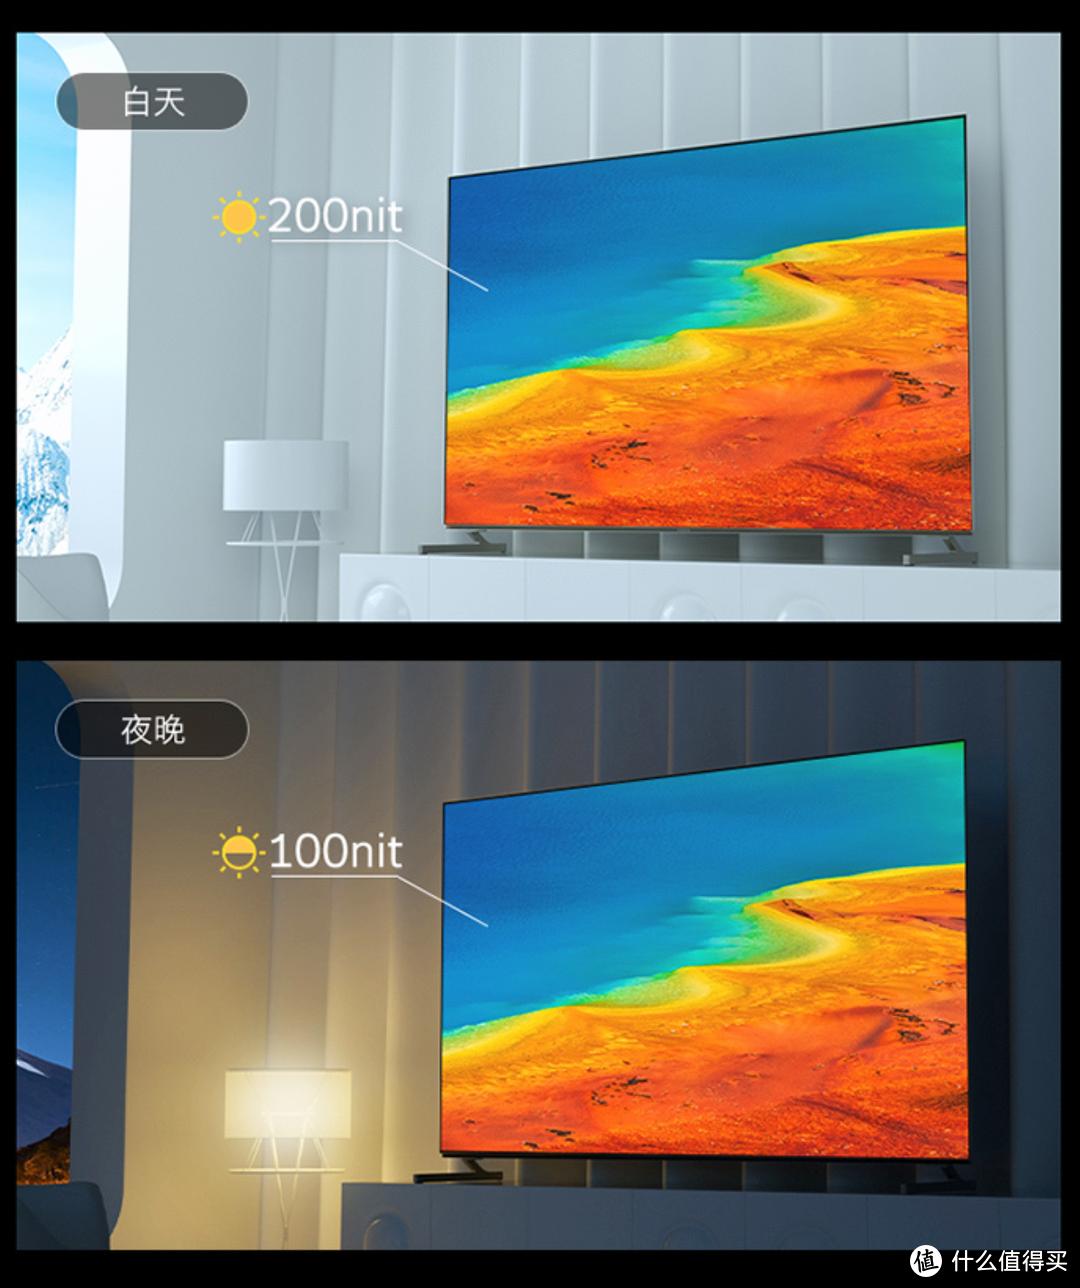 618护眼电视选择谁?当然得是OLED!创维OLED电视选购指南